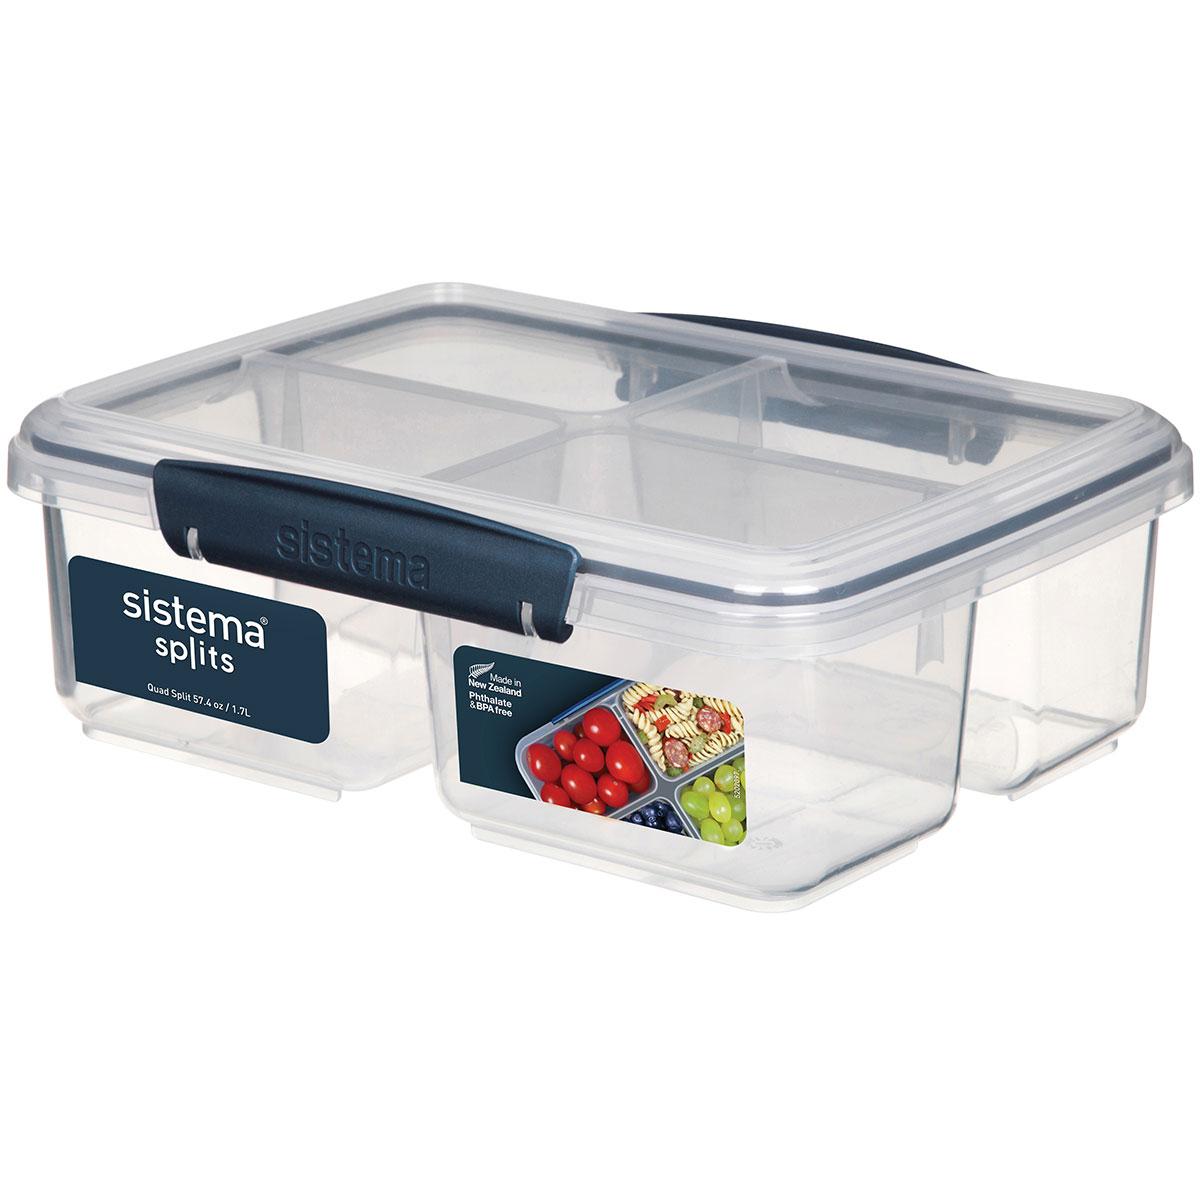 קופסת אוכל מלבנית כחול כהה מחולקת ל-4 1.74 ליטר